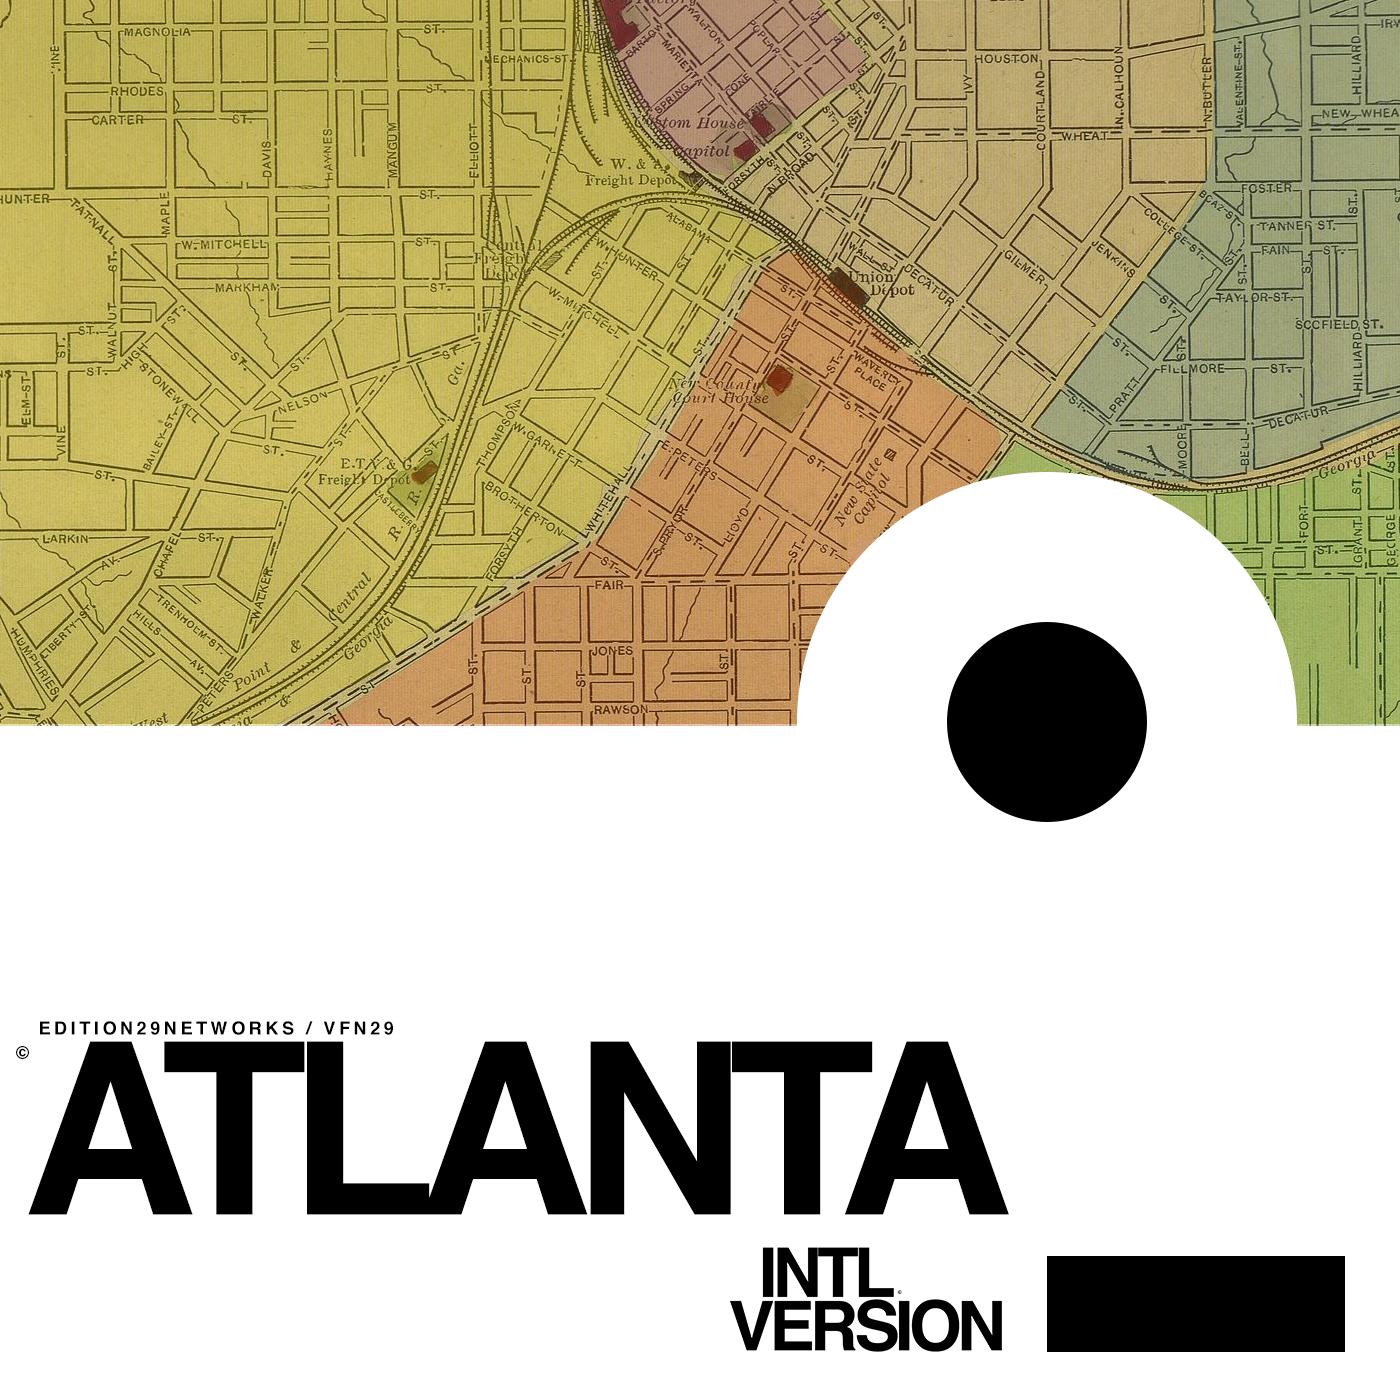 ATLANTA / INTL VERSION